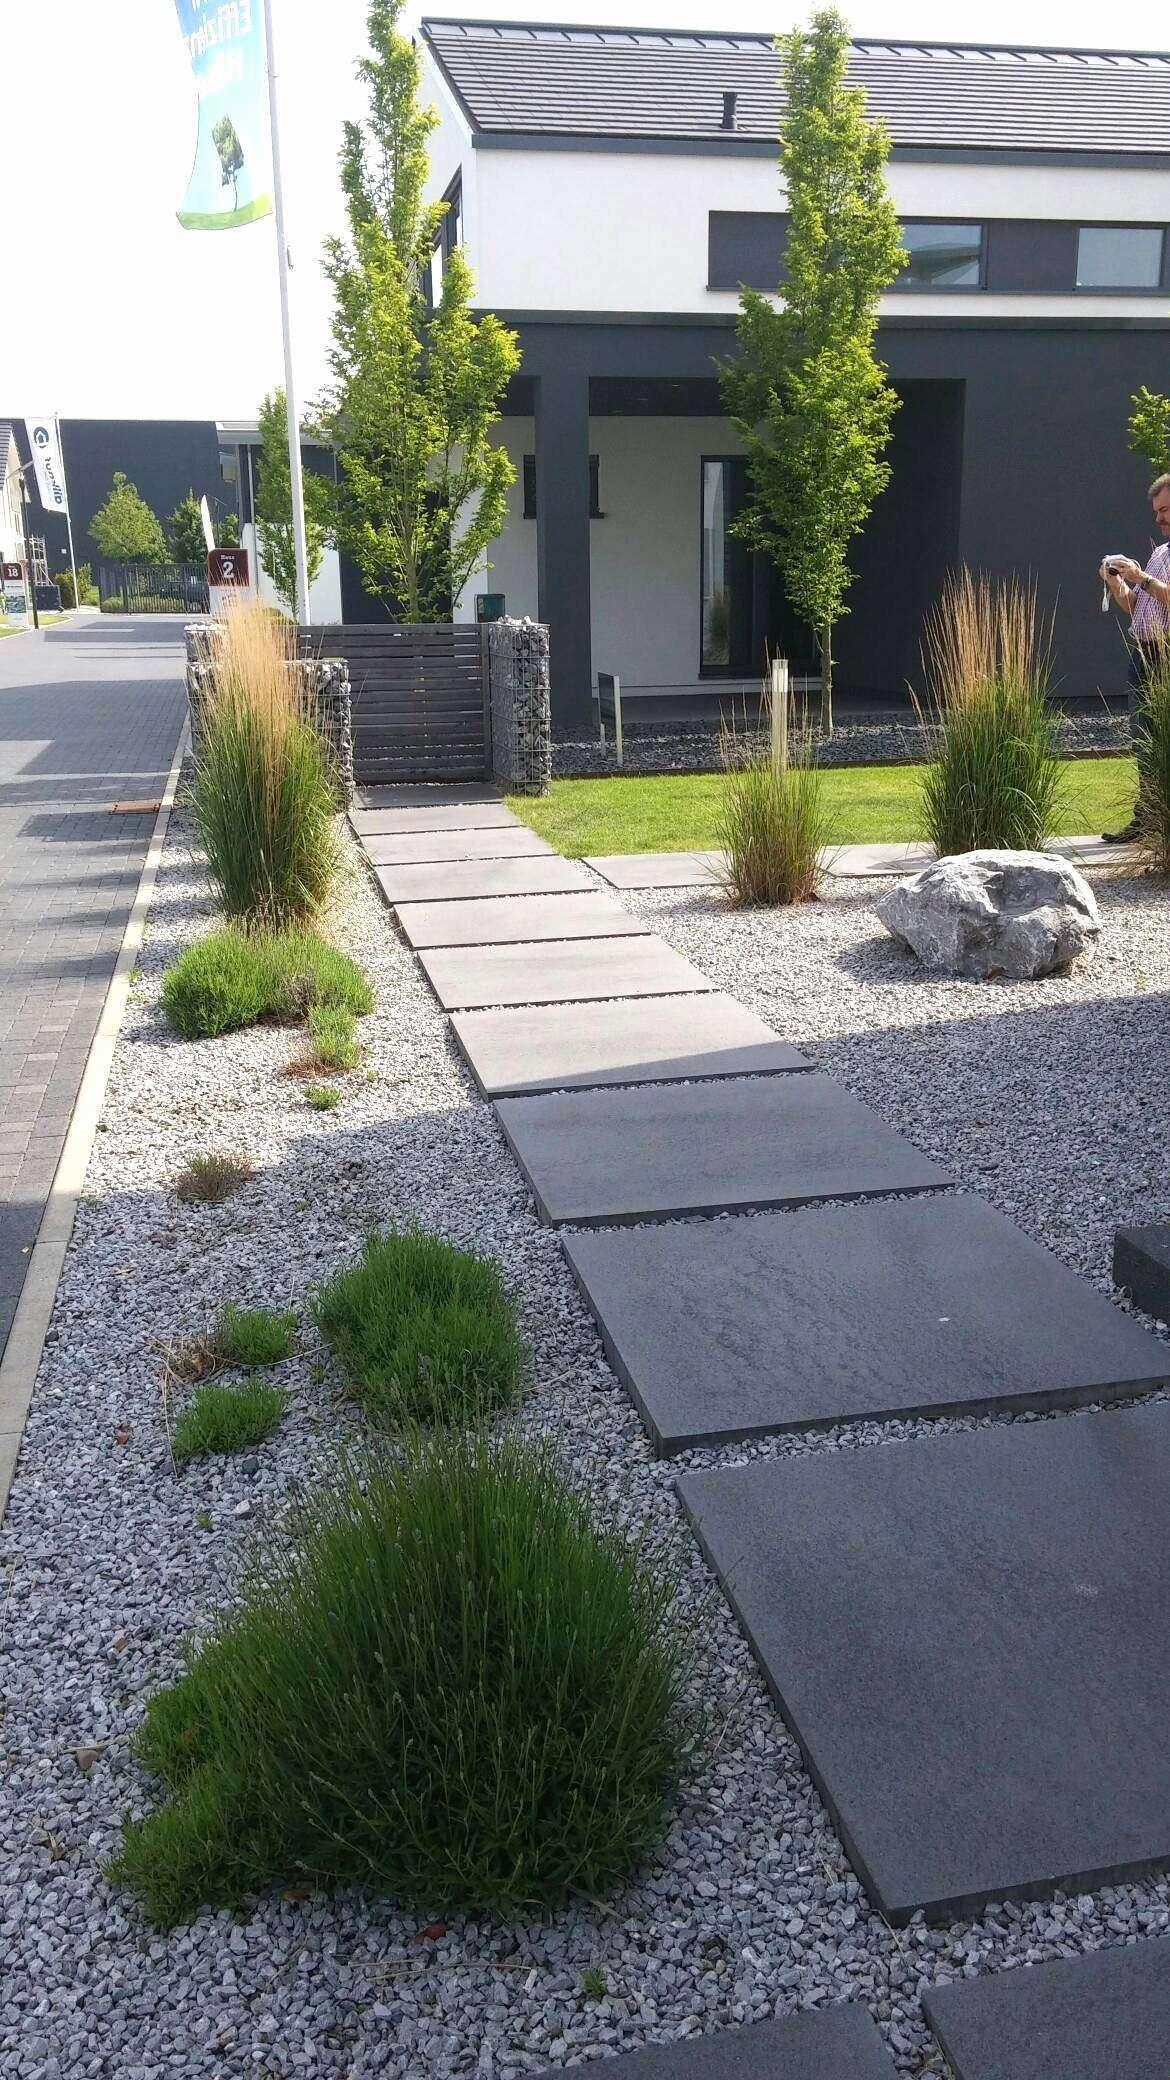 Moderne Gartengestaltung Ideen Frisch Garten Ideas Garten Anlegen Lovely Aussenleuchten Garten 0d